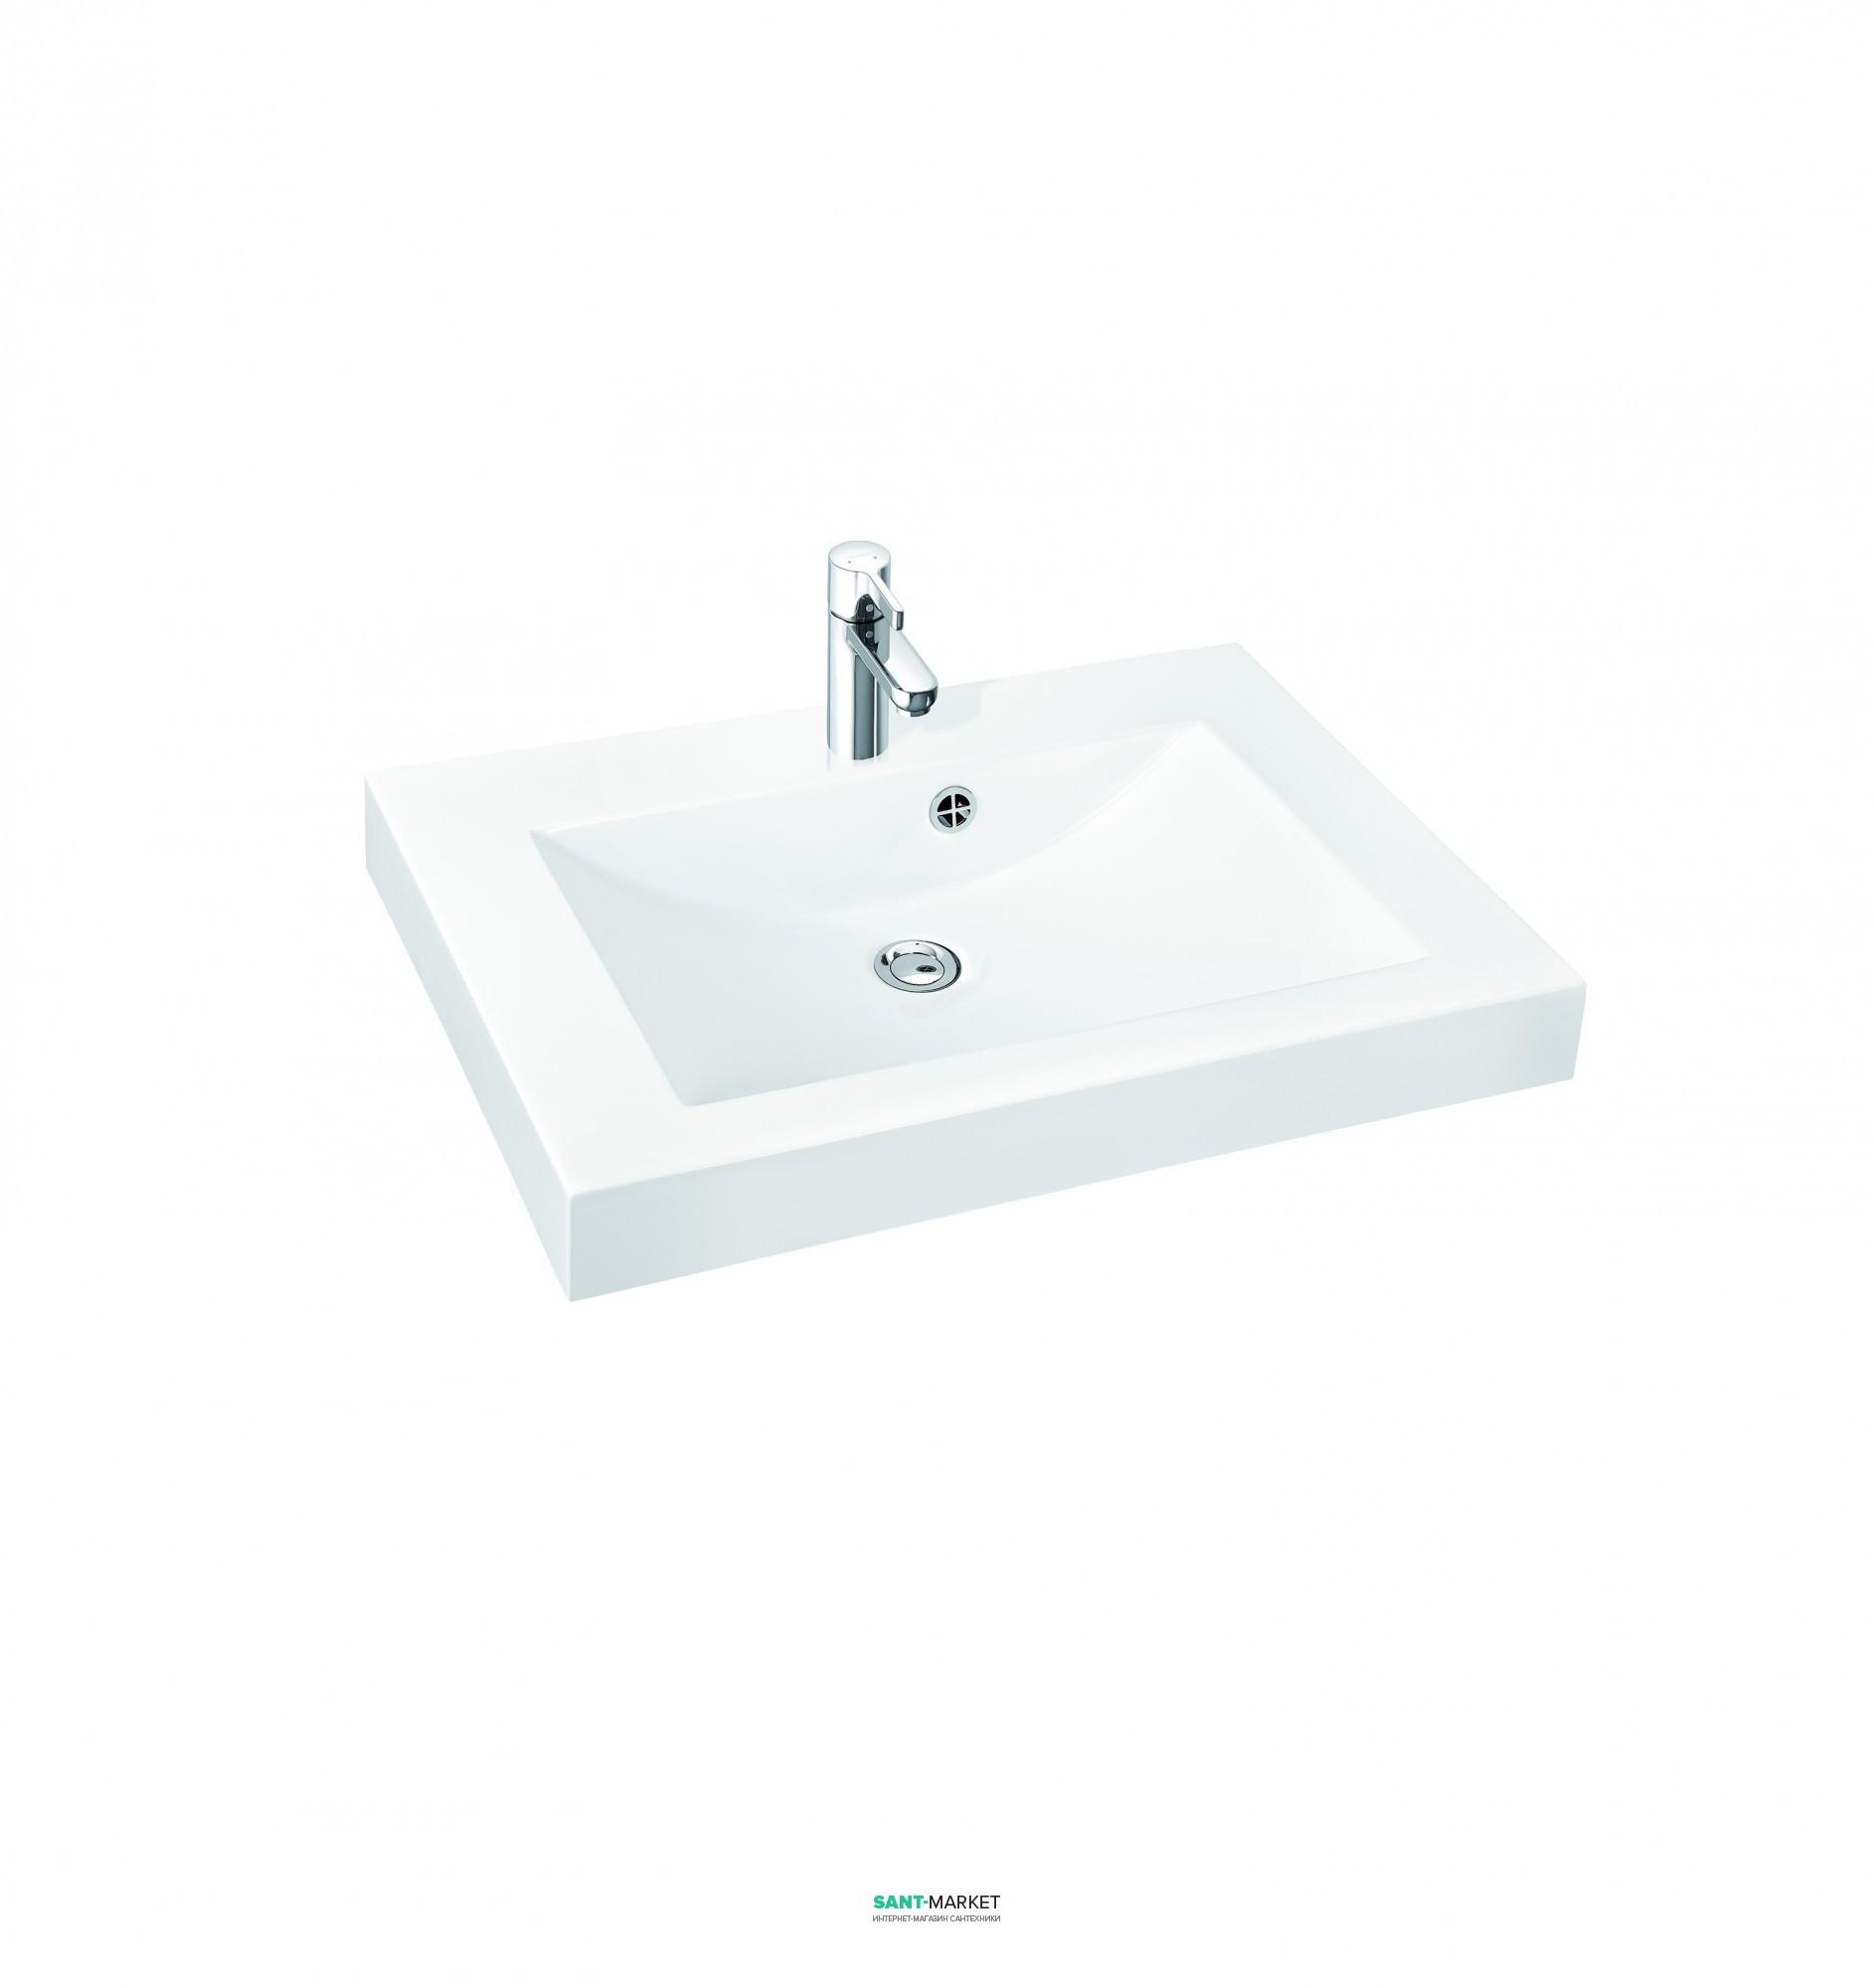 Раковина для ванной на тумбу Marmorin коллекция Moira Bis белая 280 060 022 xx x